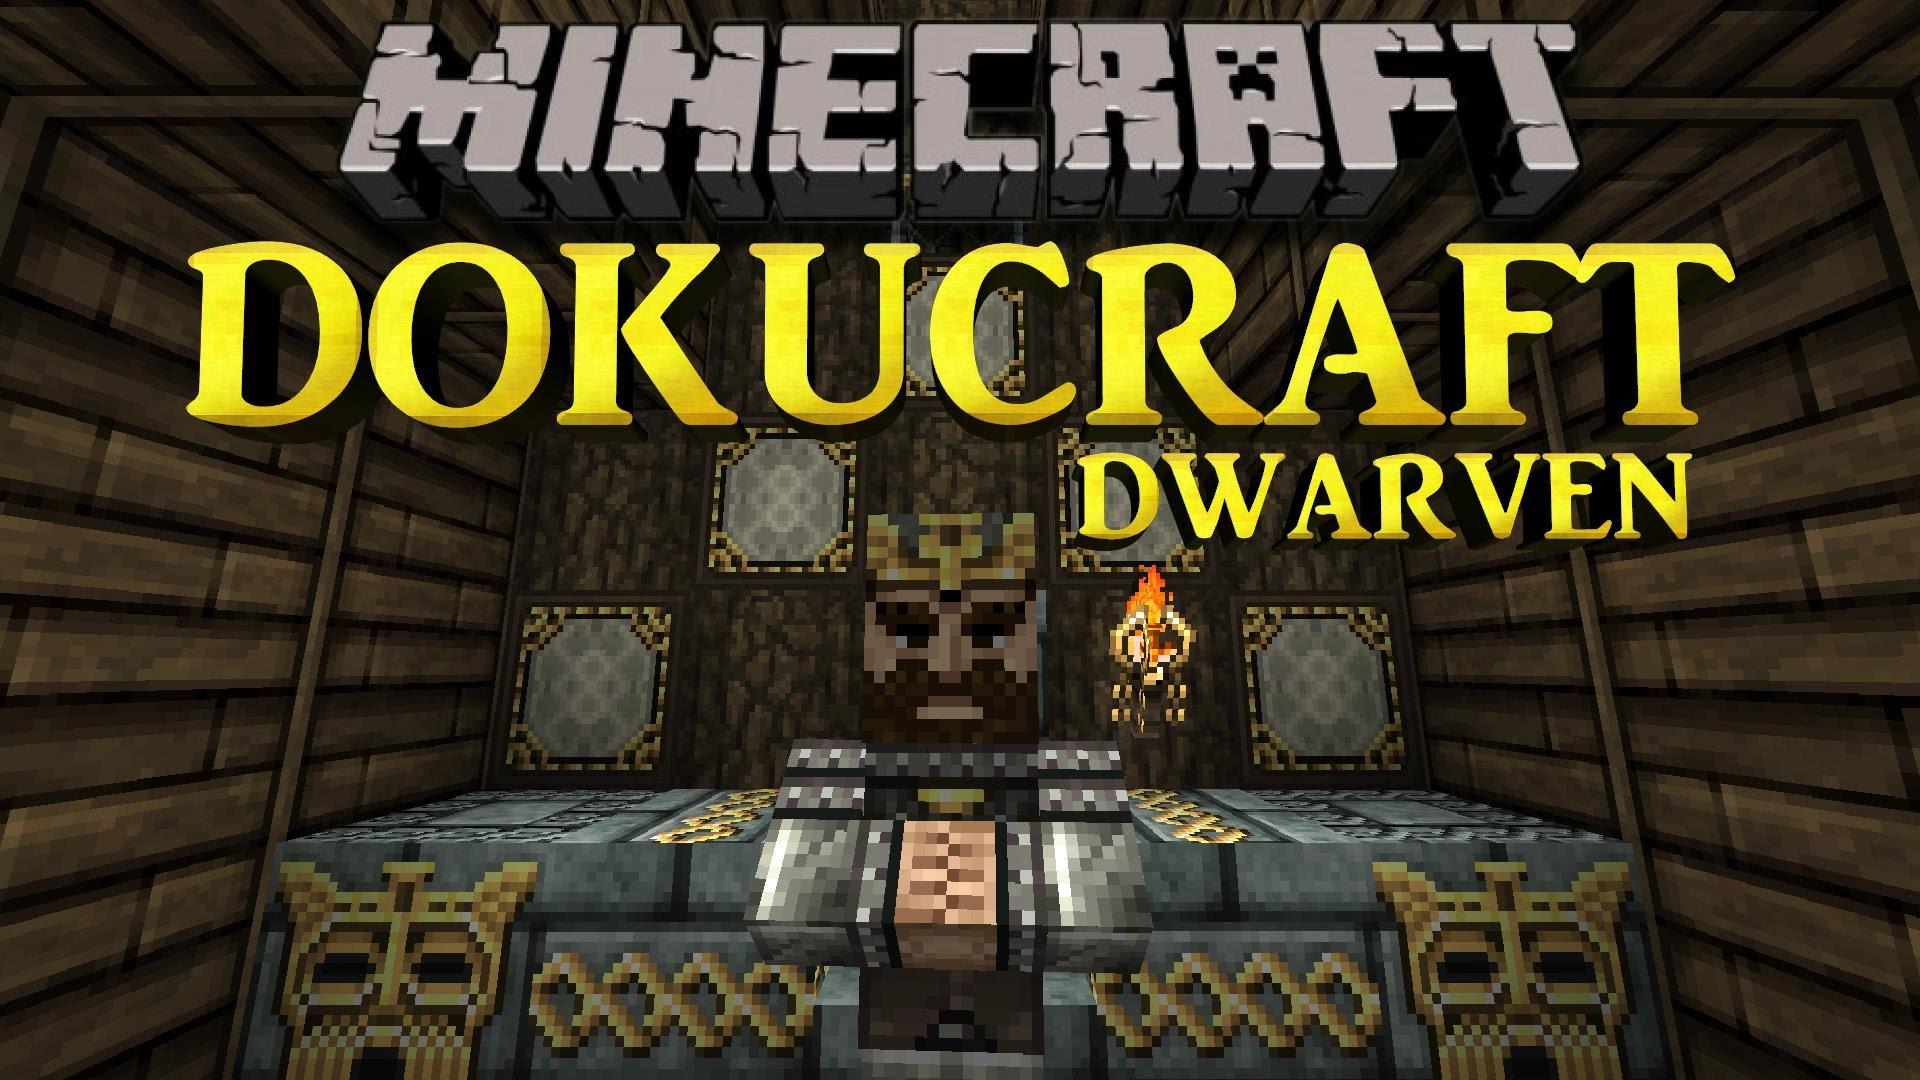 DokuCraft Dwarven Resource Pack